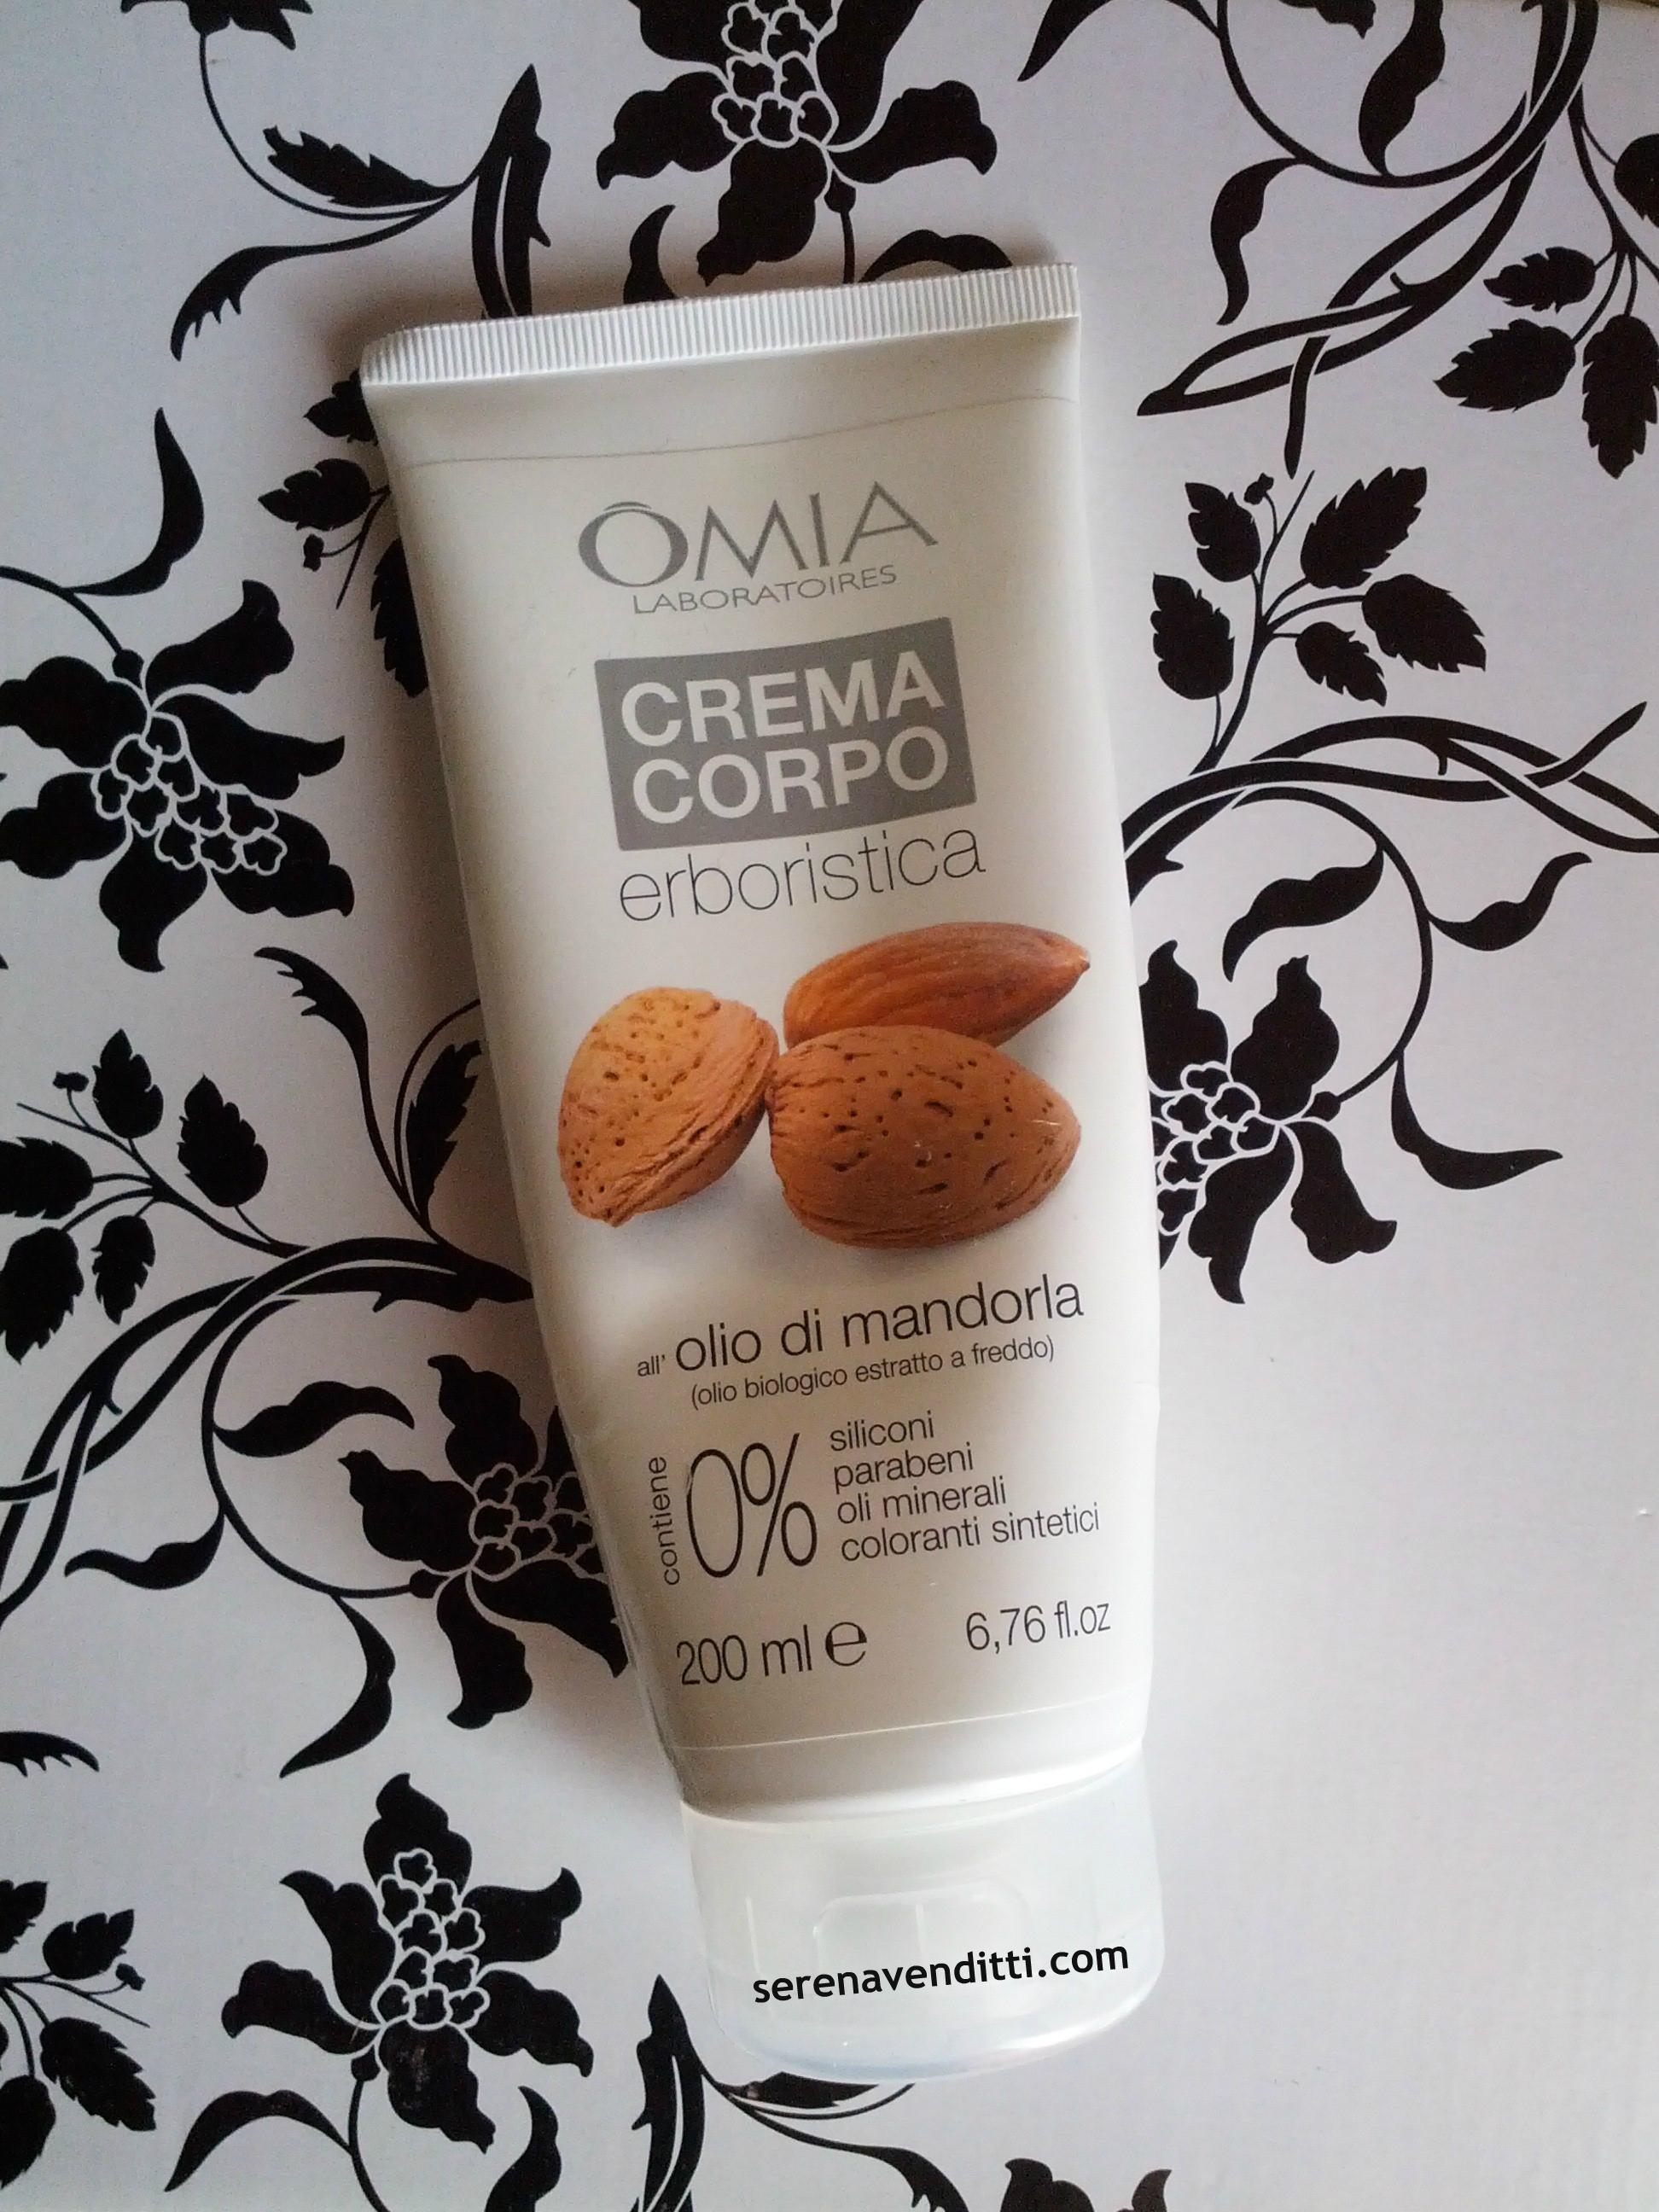 Omia Laboratoires - Crema Corpo all'olio di mandorla